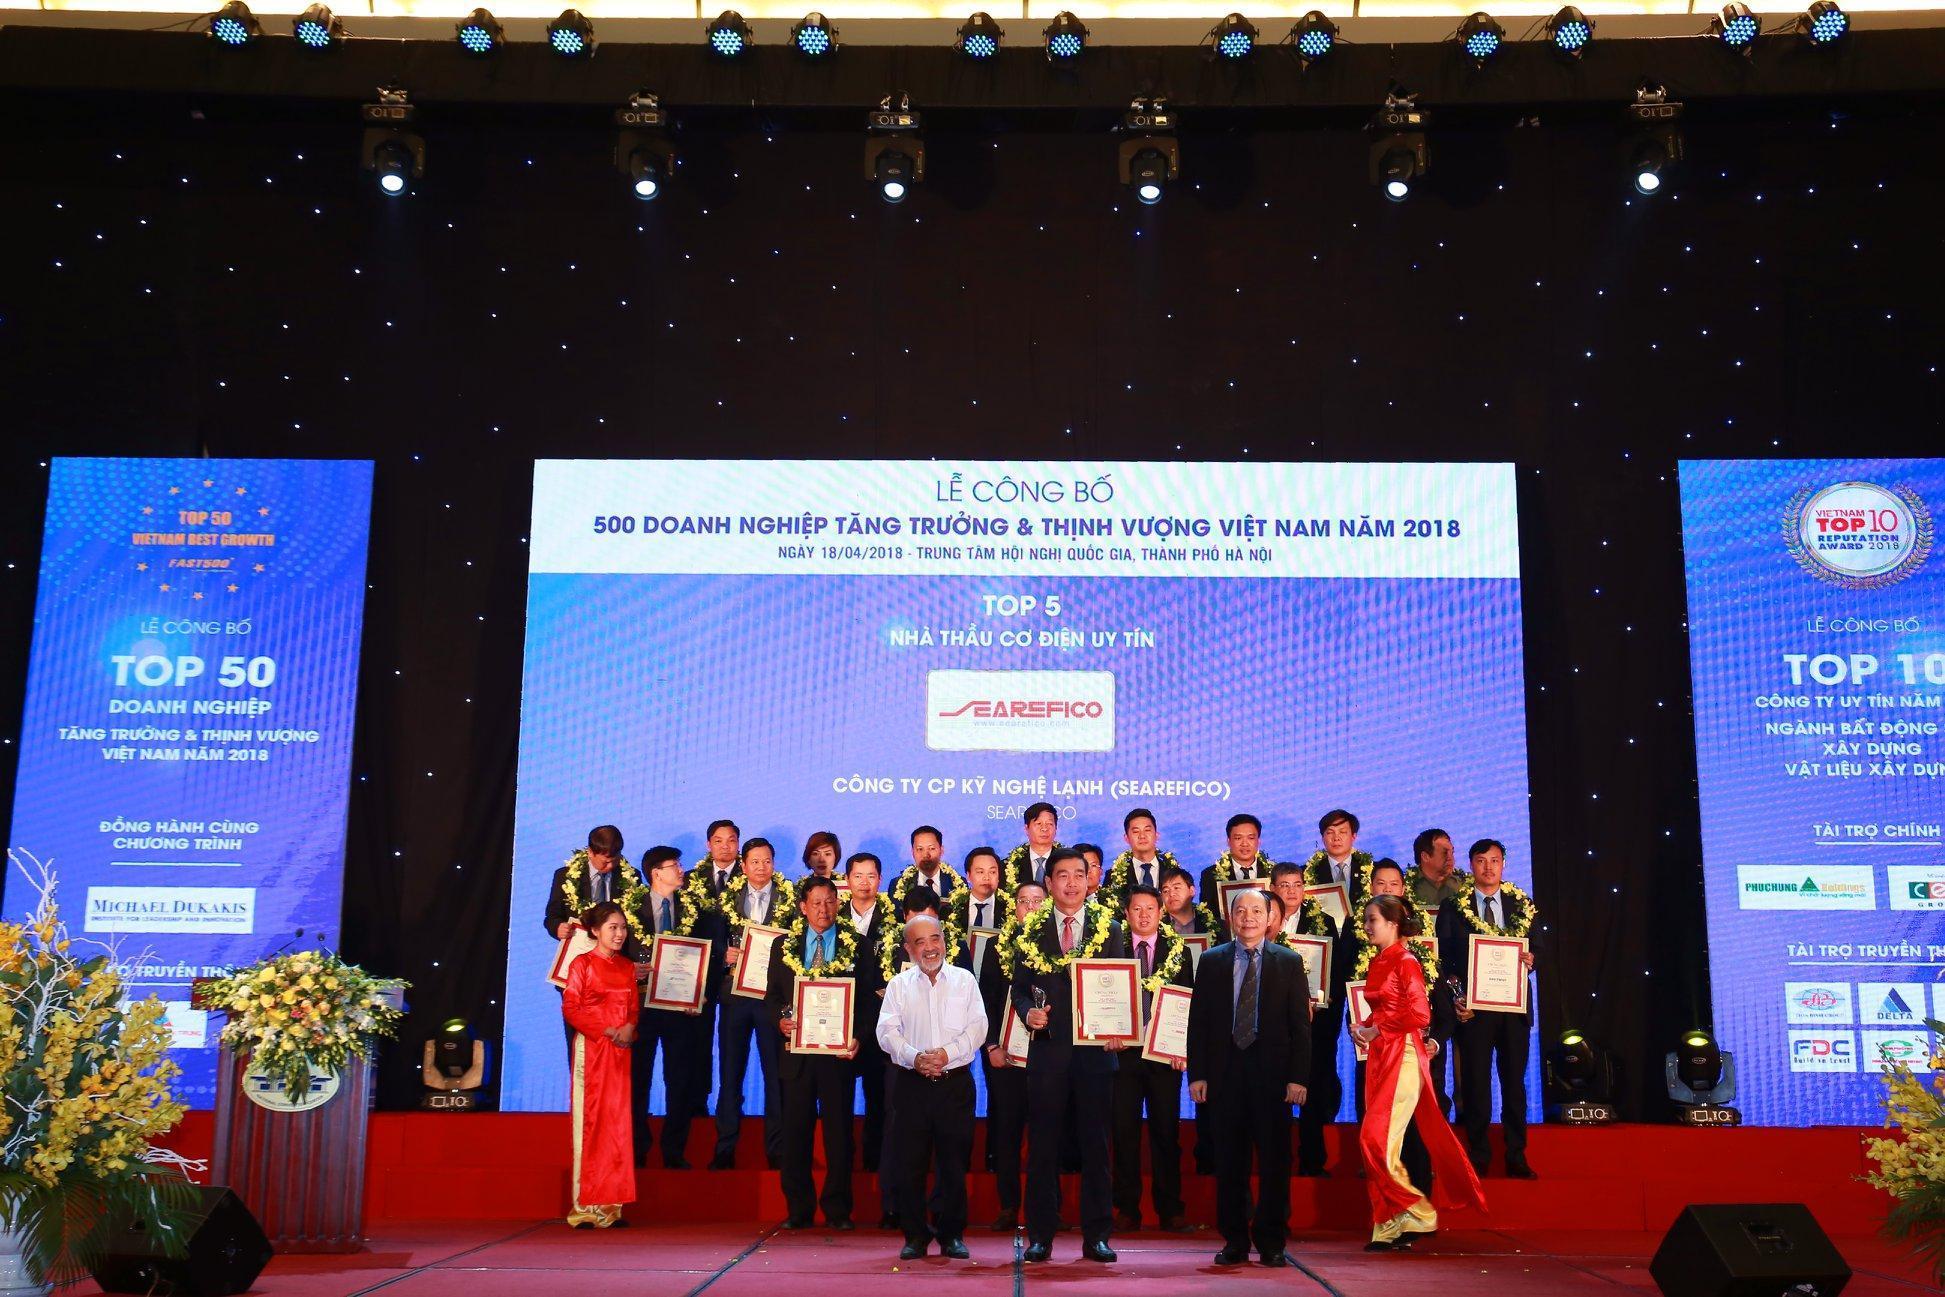 SEAREFICO nhận giải thưởng Top 5 Nhà thầu Cơ điện uy tín năm 2018